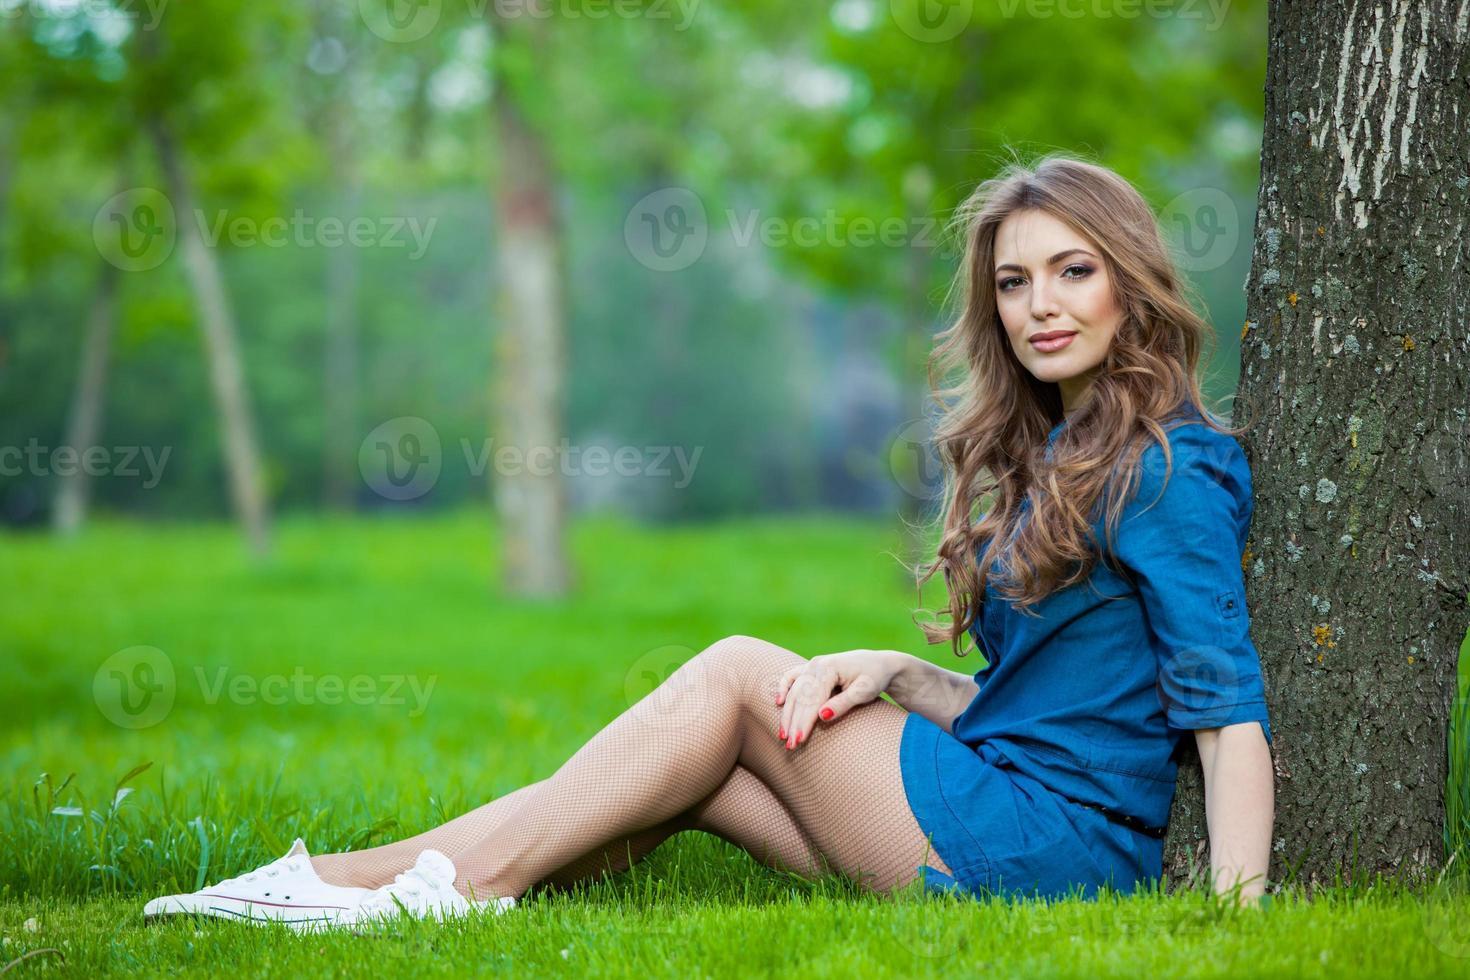 ritratto di una bella bionda all'aperto nel parco foto